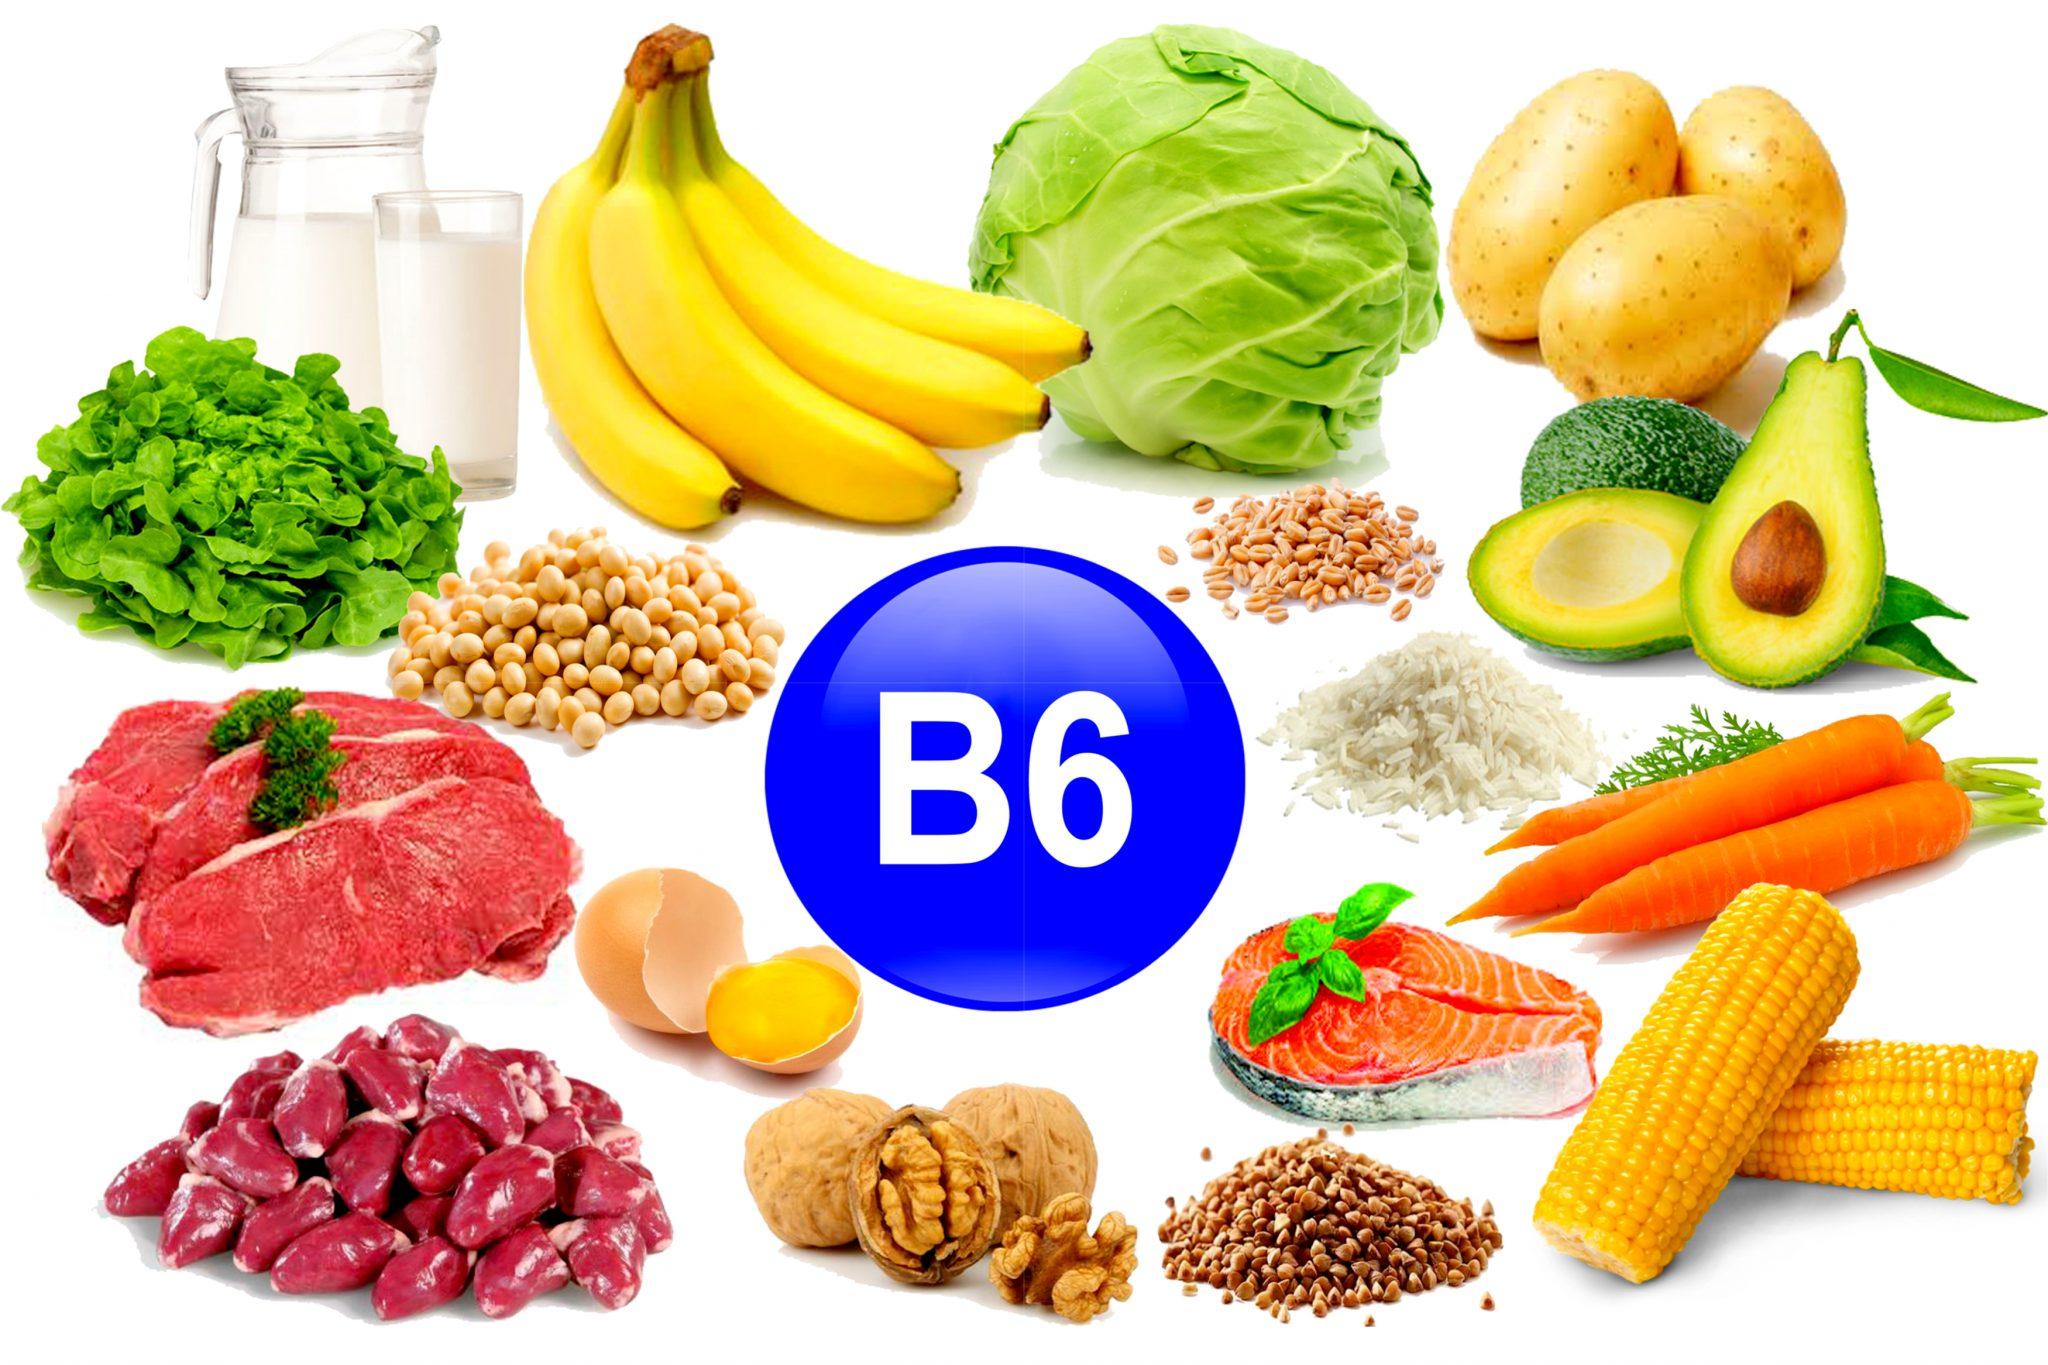 ビタミンB6を含む食品の一覧表